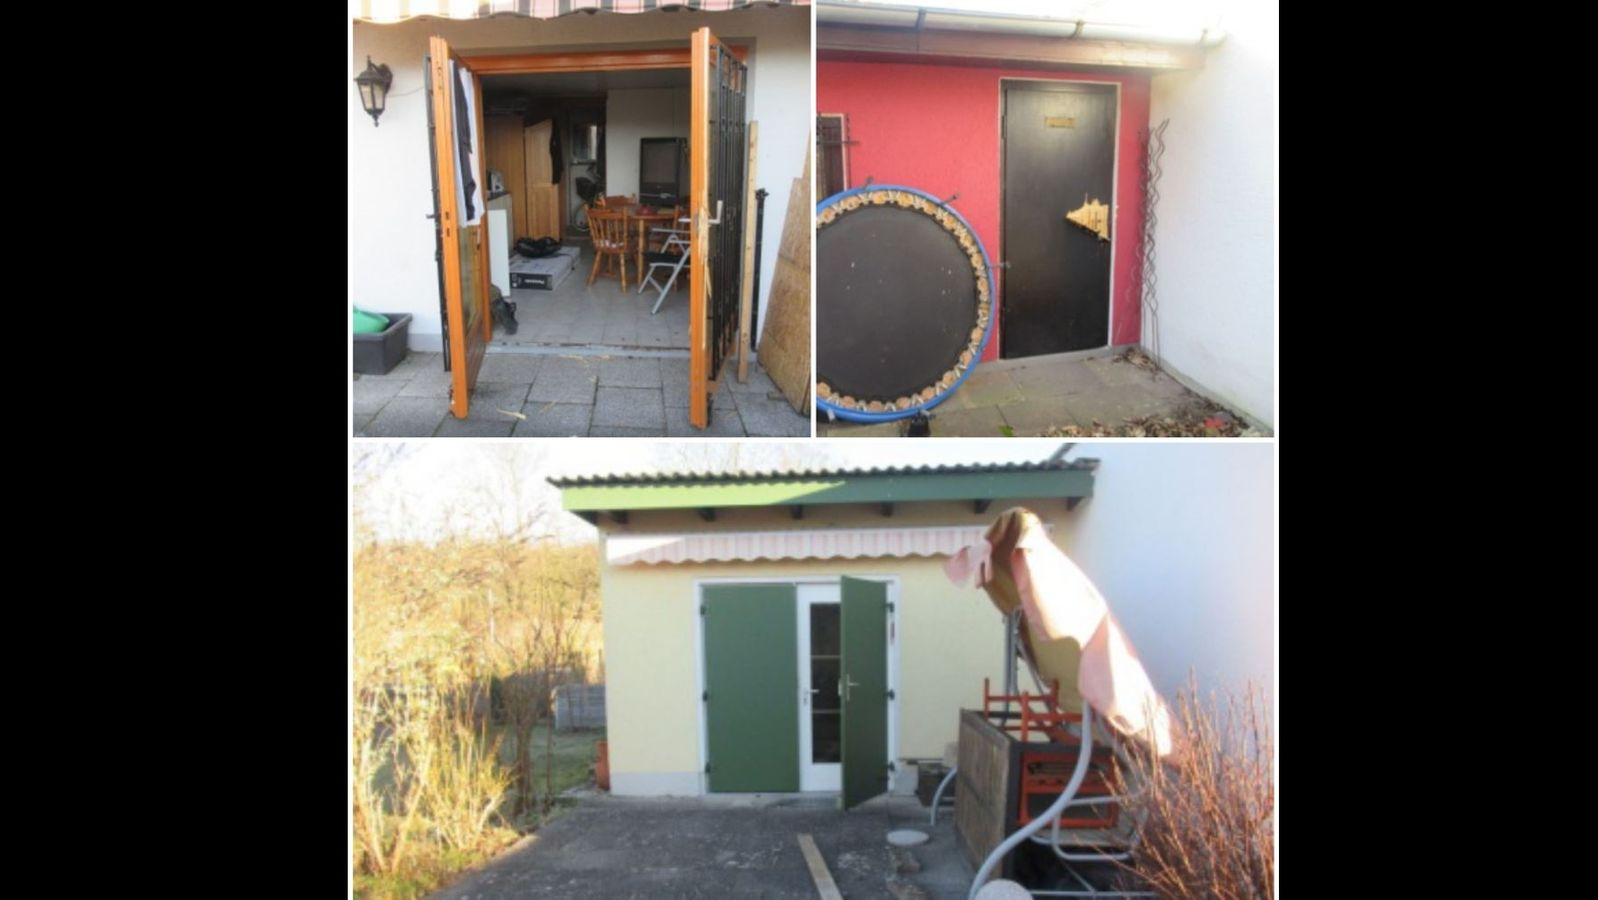 40 Gartenhäuser in Regensburger Kleingartenanlage aufgebrochen